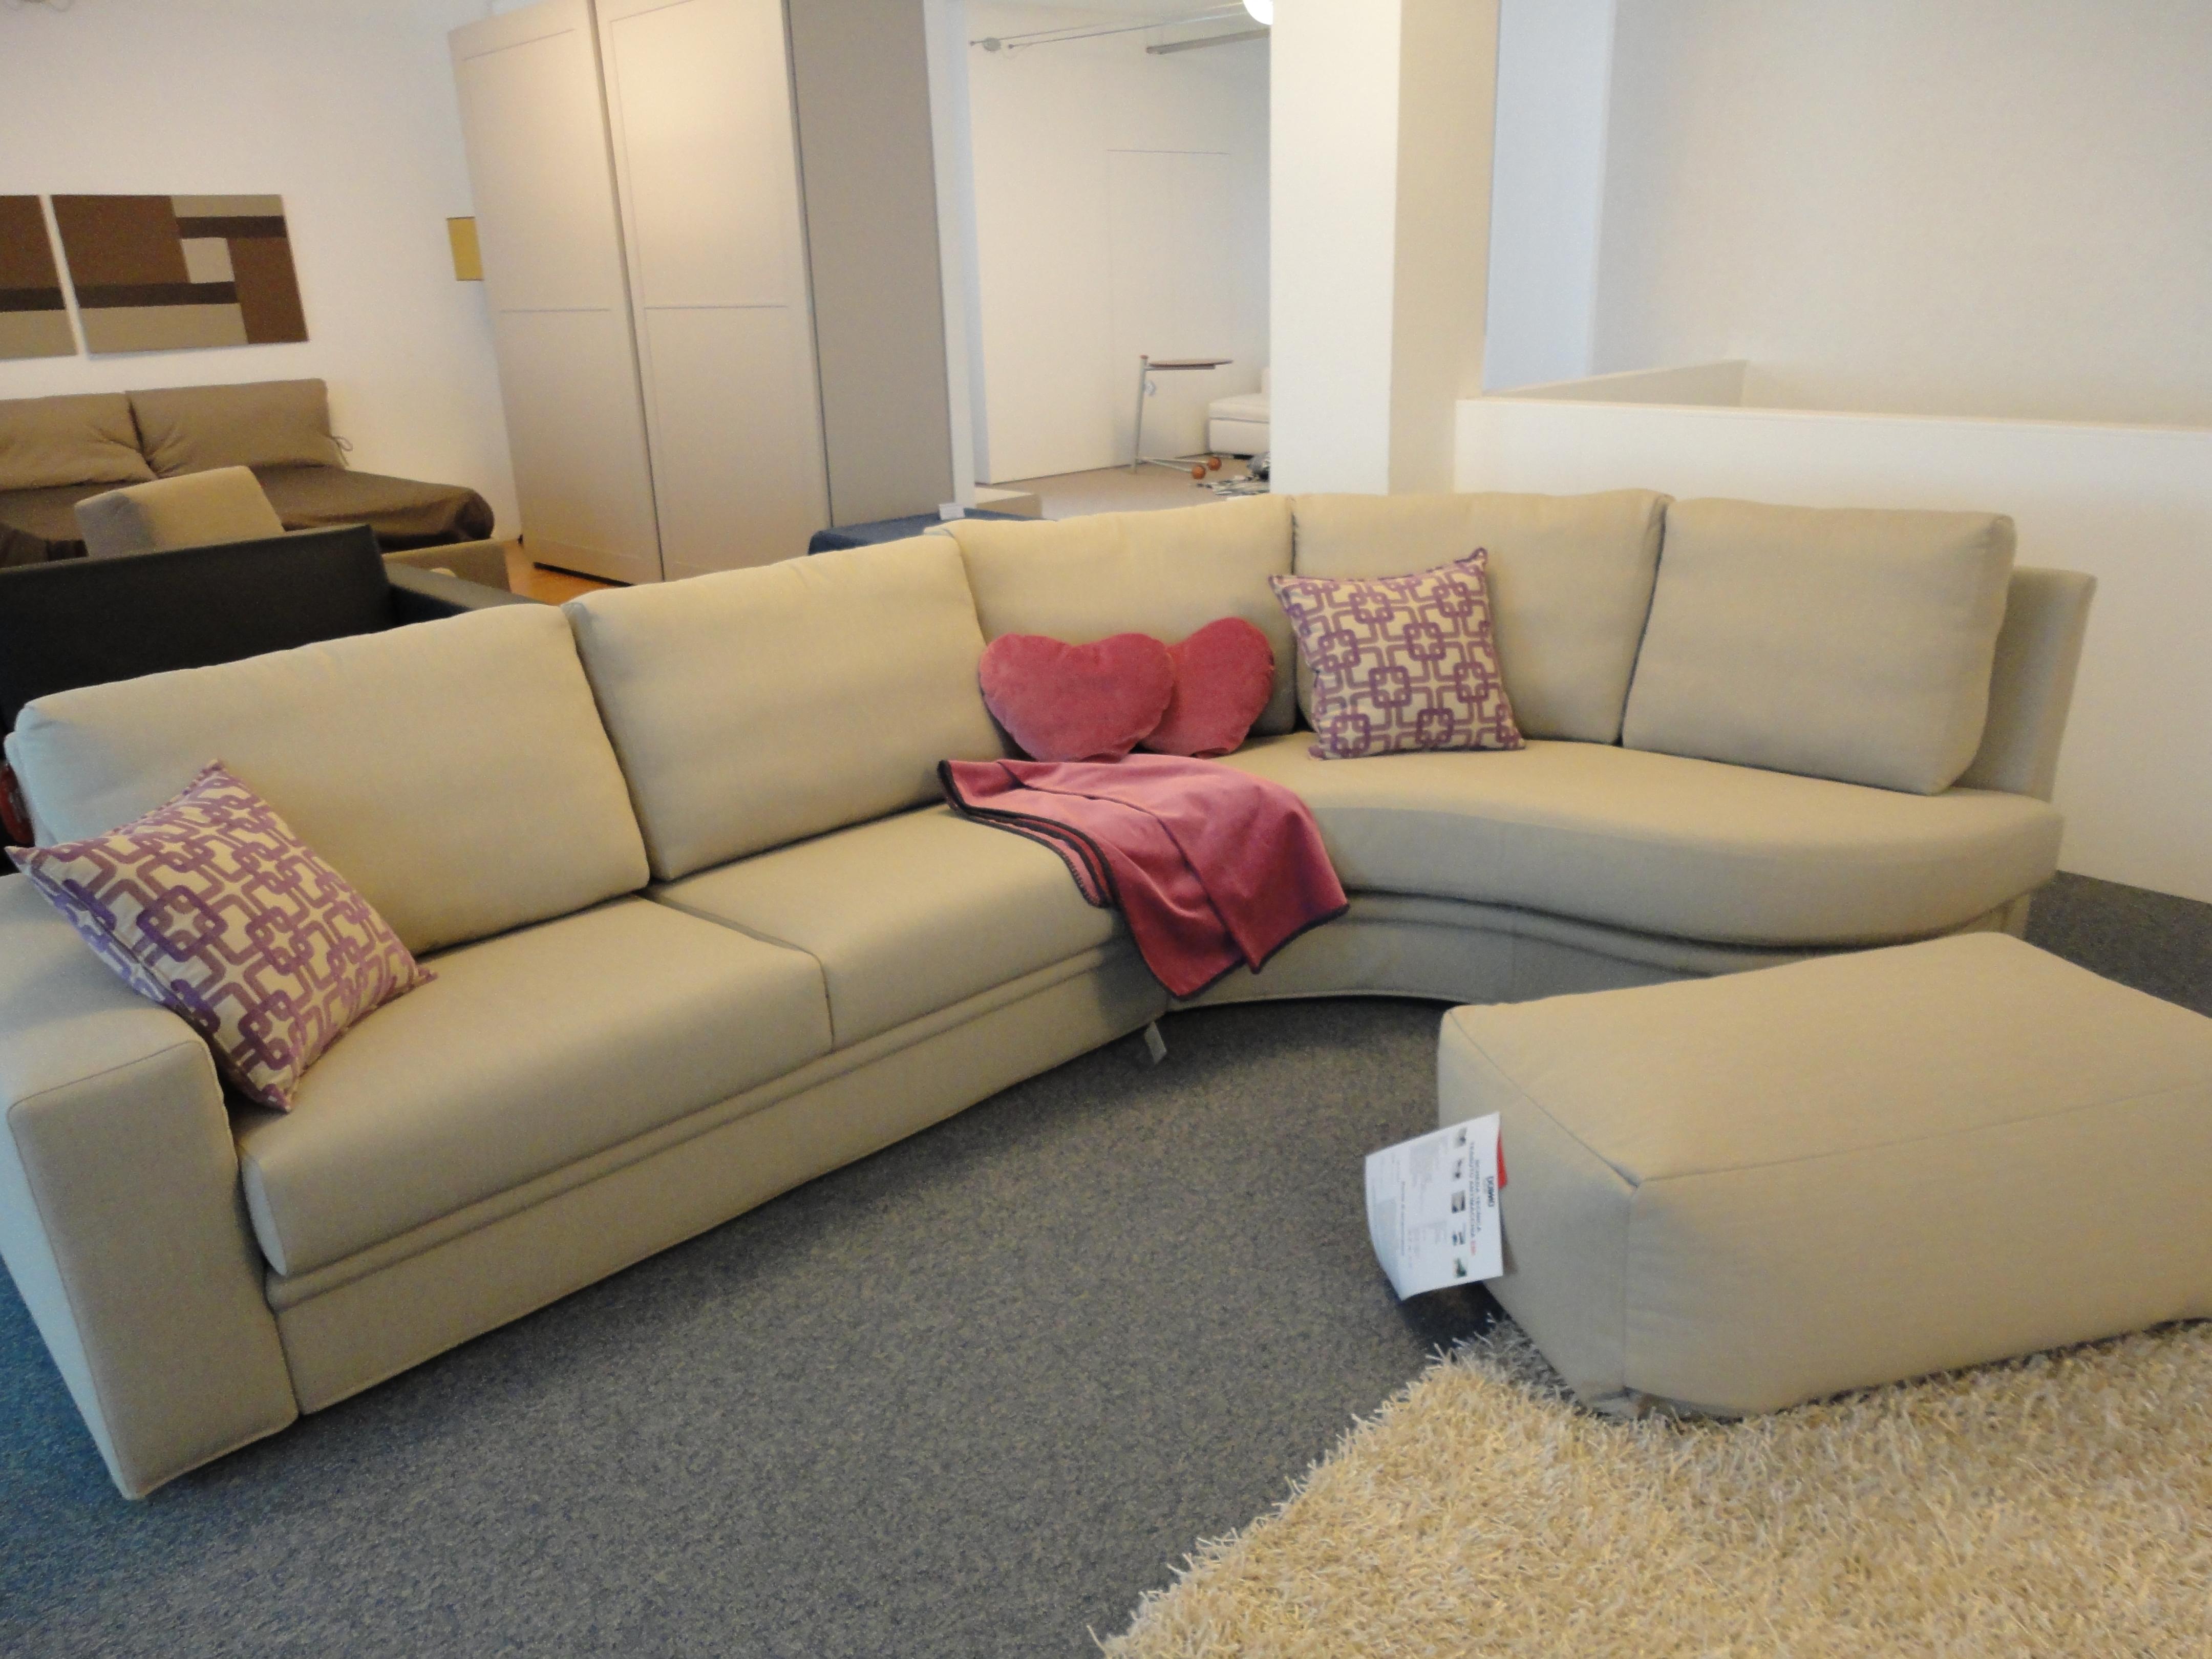 Divano angolare doimo salotti 14114 divani a prezzi scontati - Divano letto angolare divani e divani ...